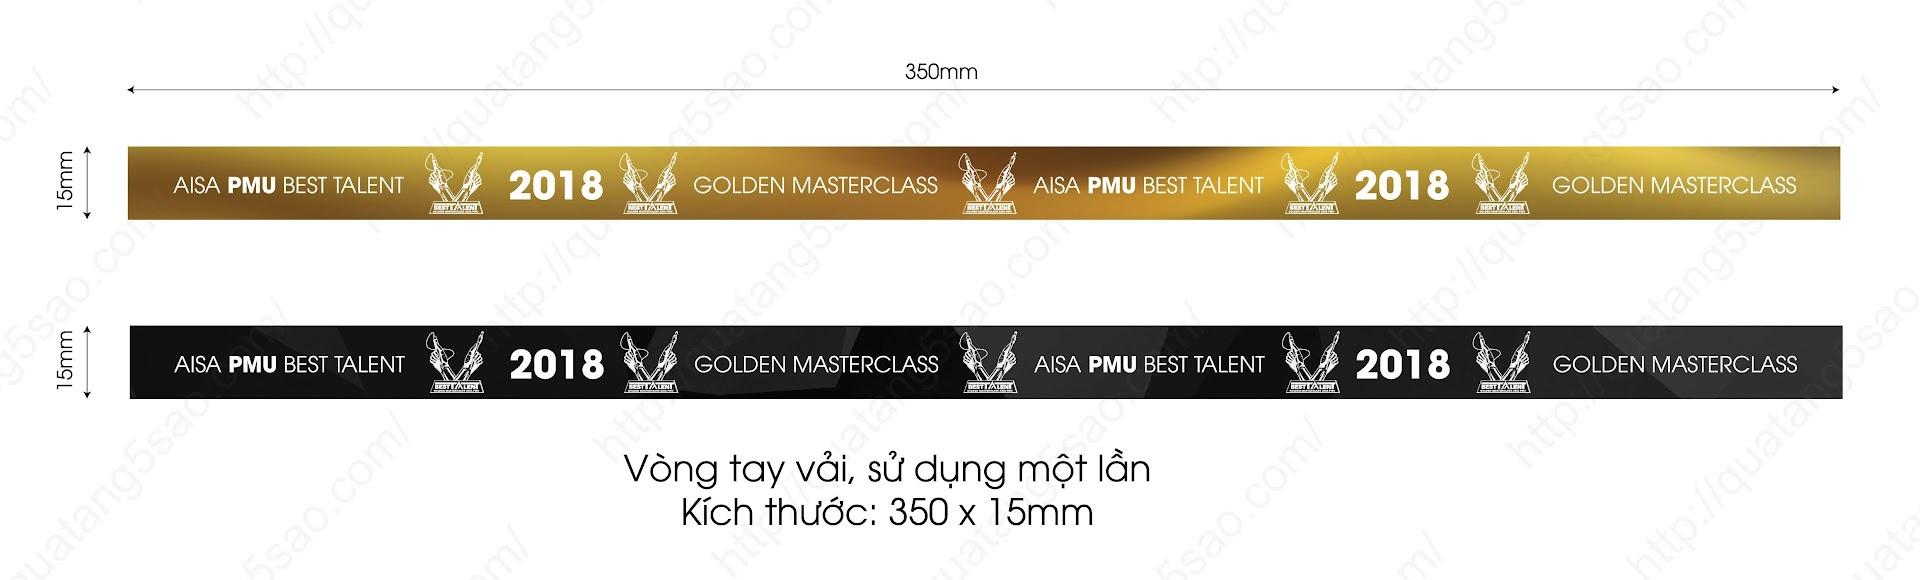 Vòng tay sự kiện của Asia PMU Best Talent - Ảnh file thiết kế vòng tay vải